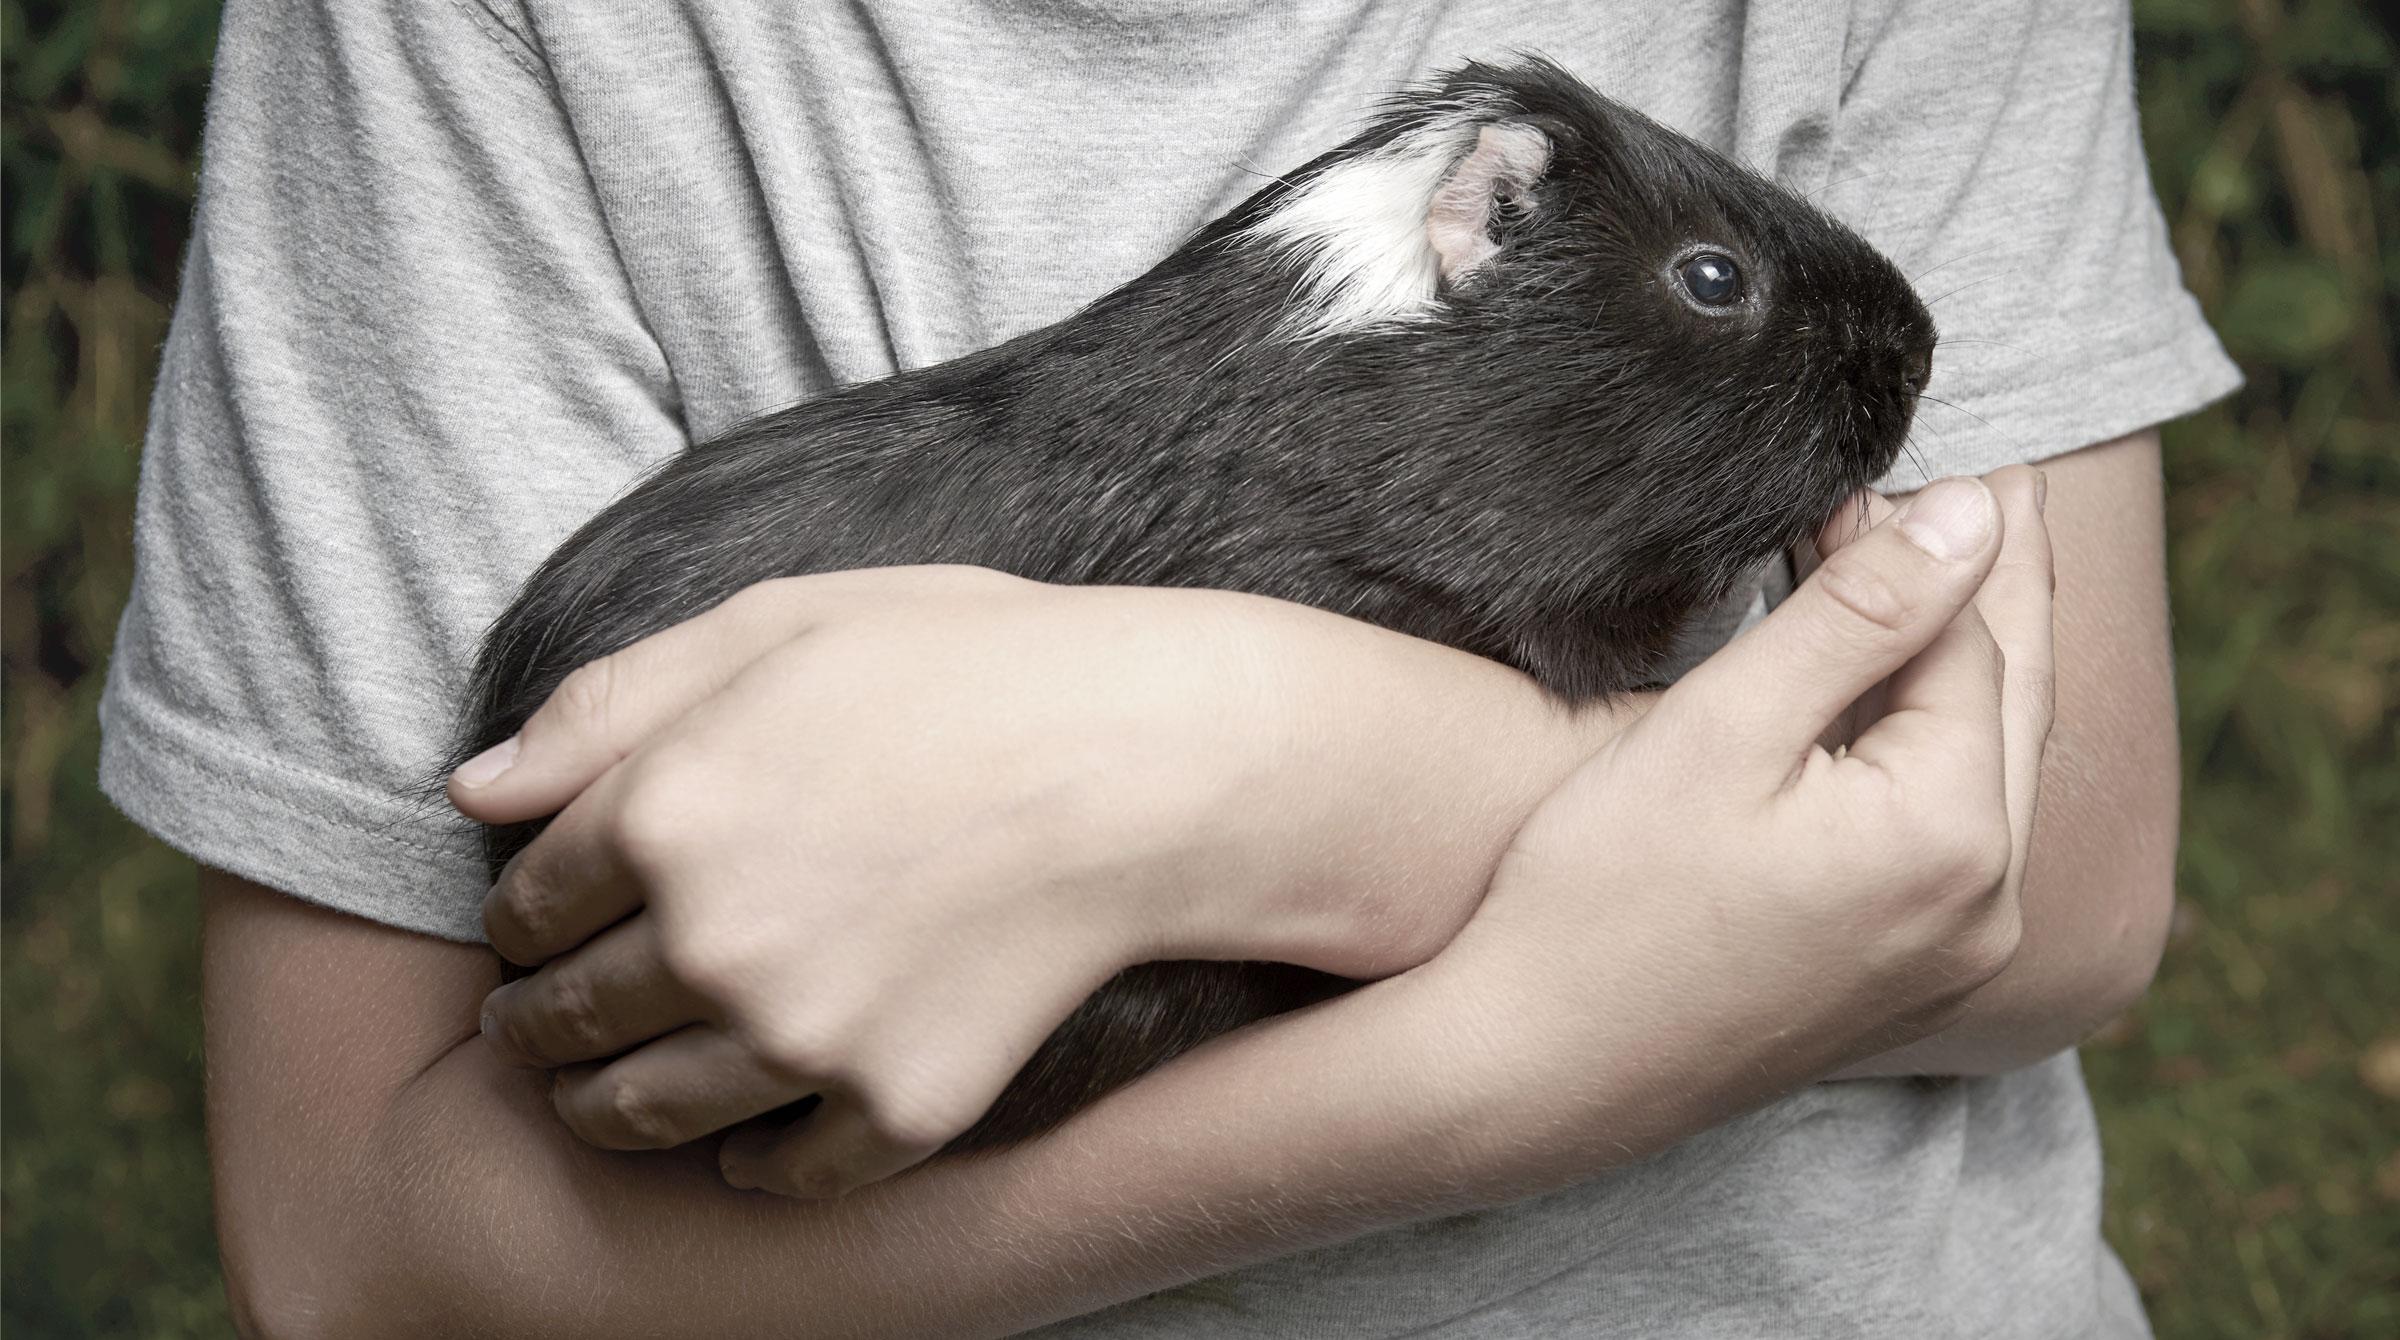 Tierhalterhaftpflicht für Kleintiere